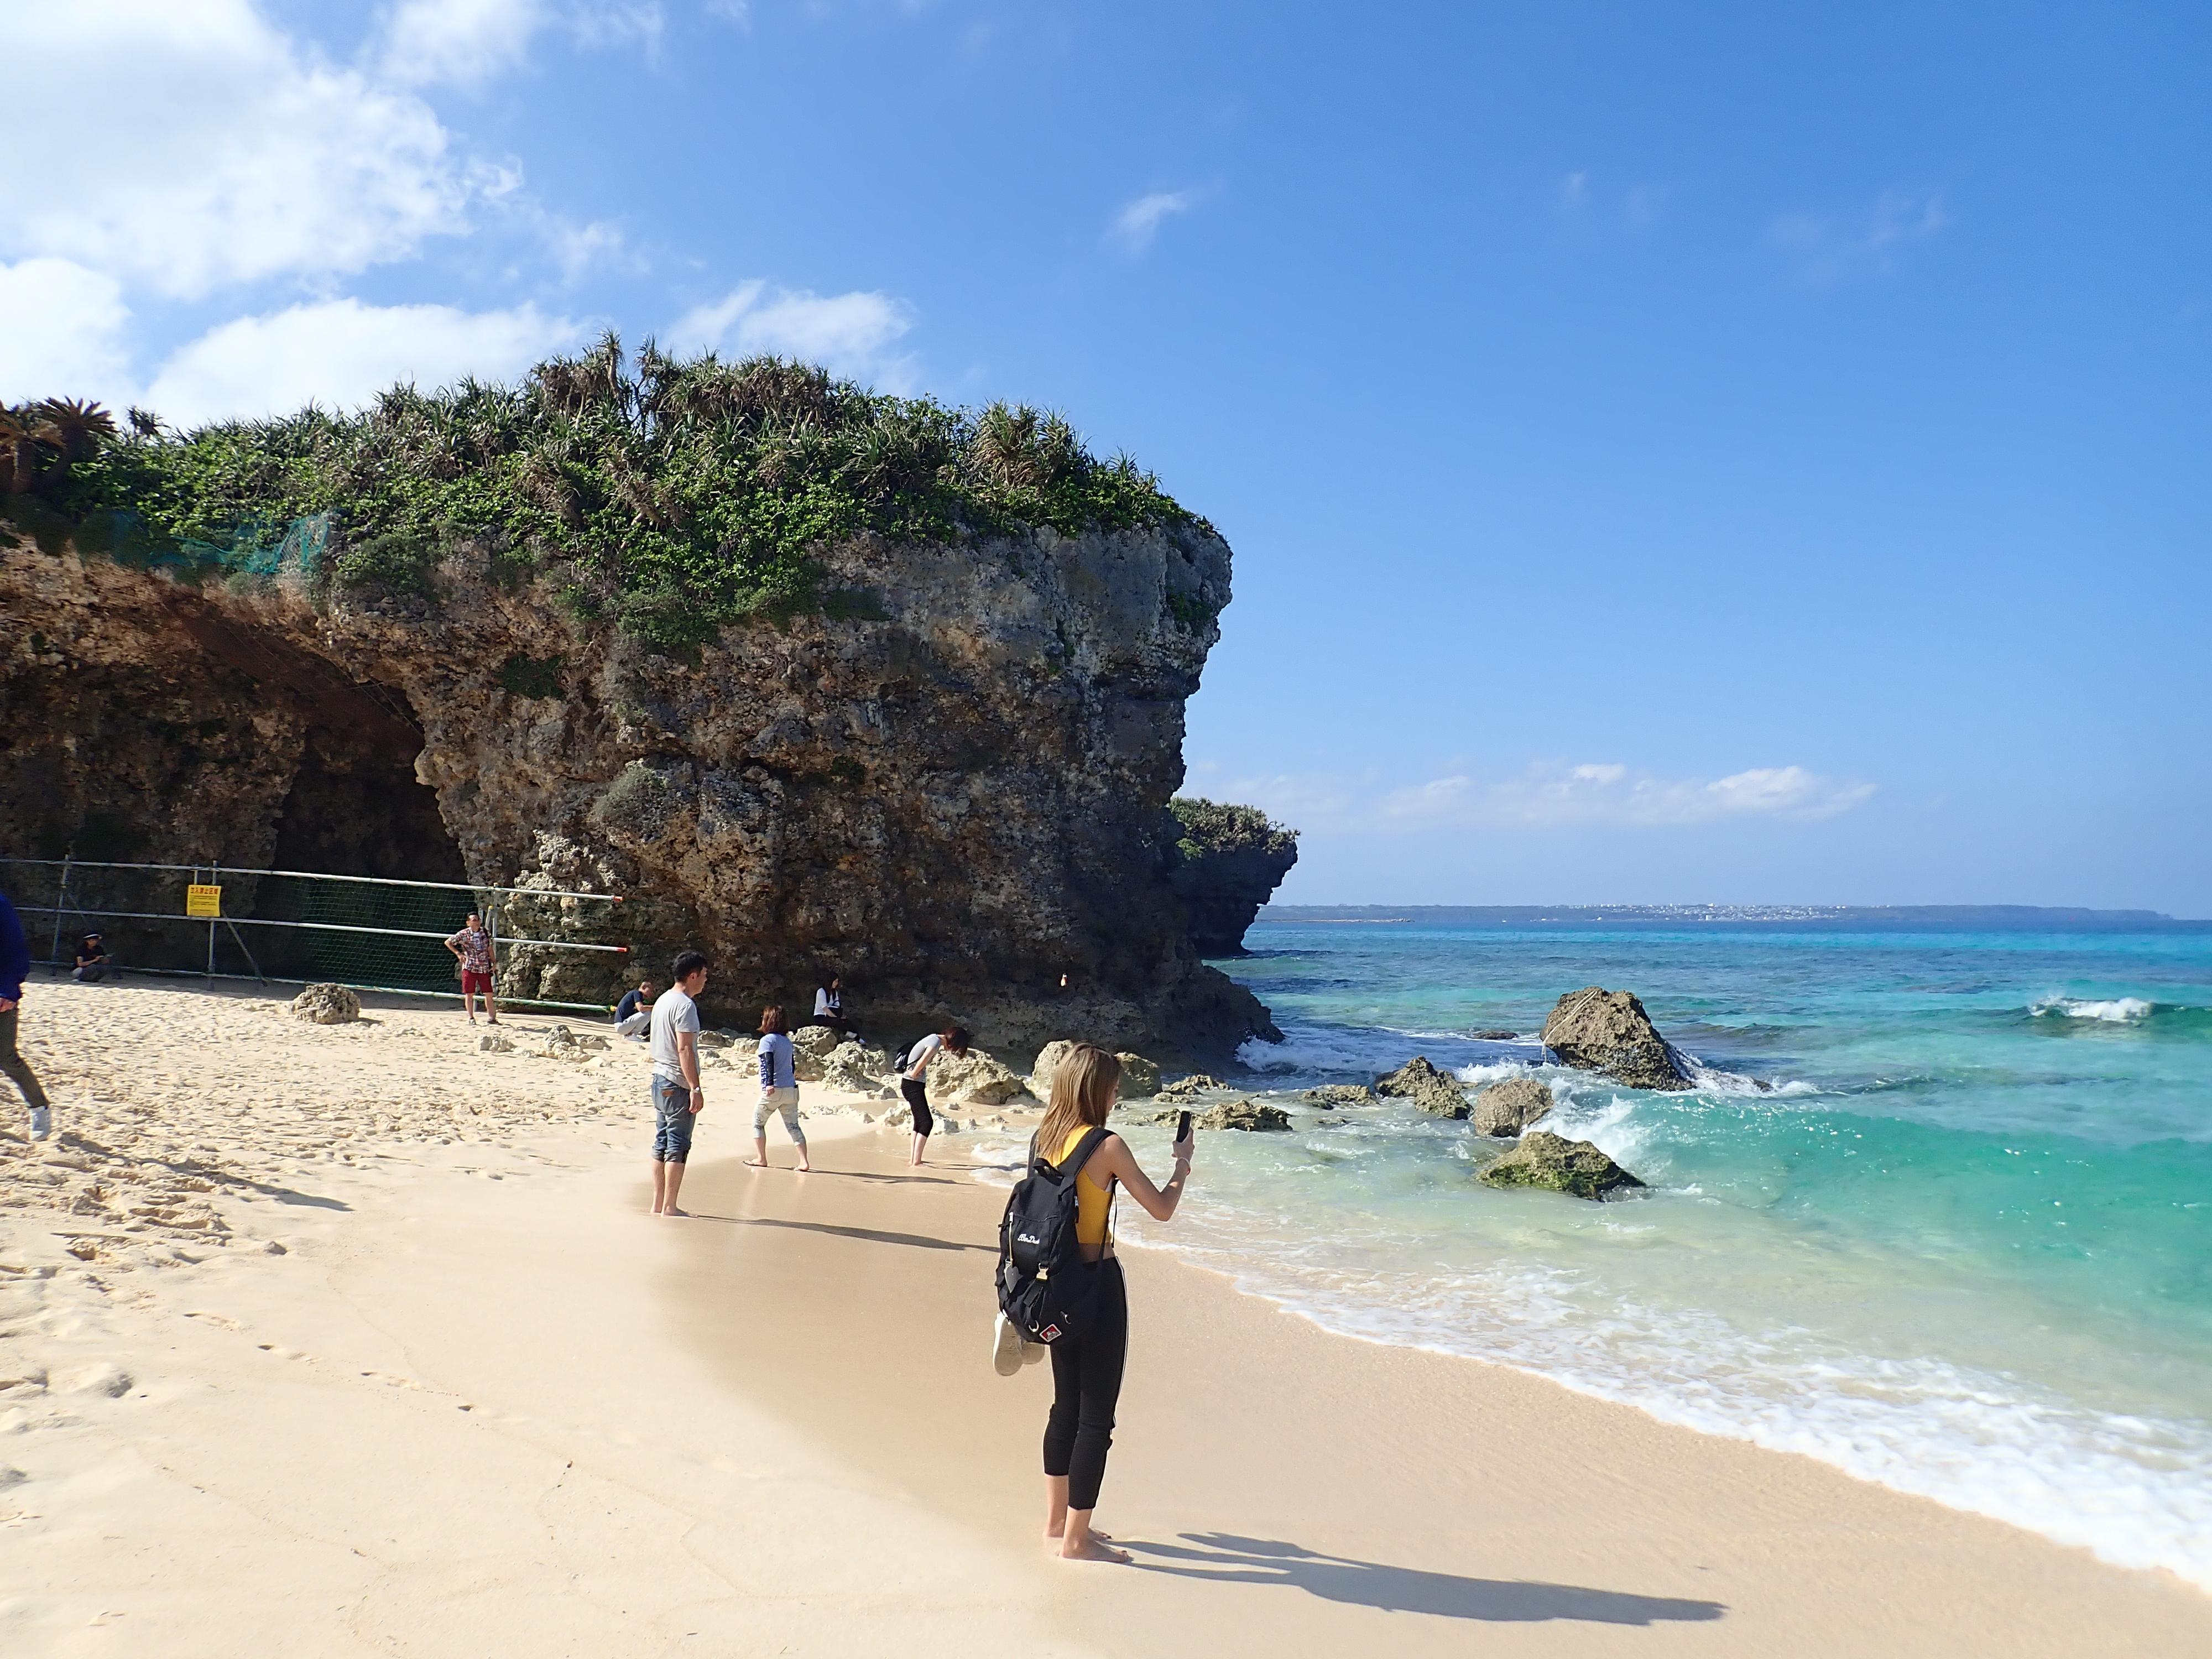 宮古島屈指の観光スポットである砂山ビーチ